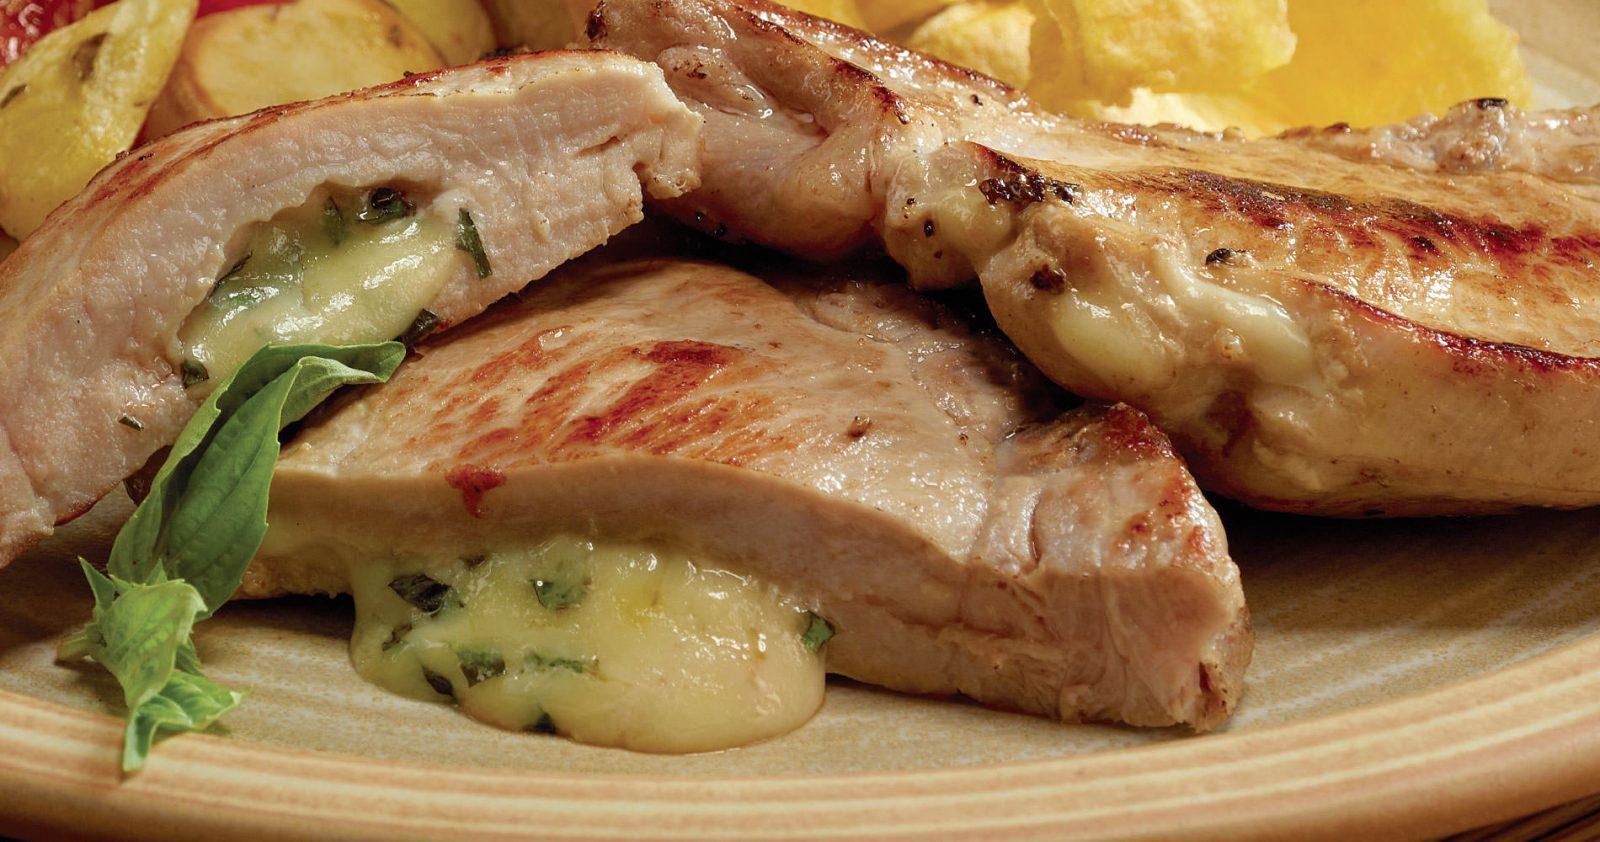 Chuleta de Brazo de Cerdo rellena de queso y albahaca